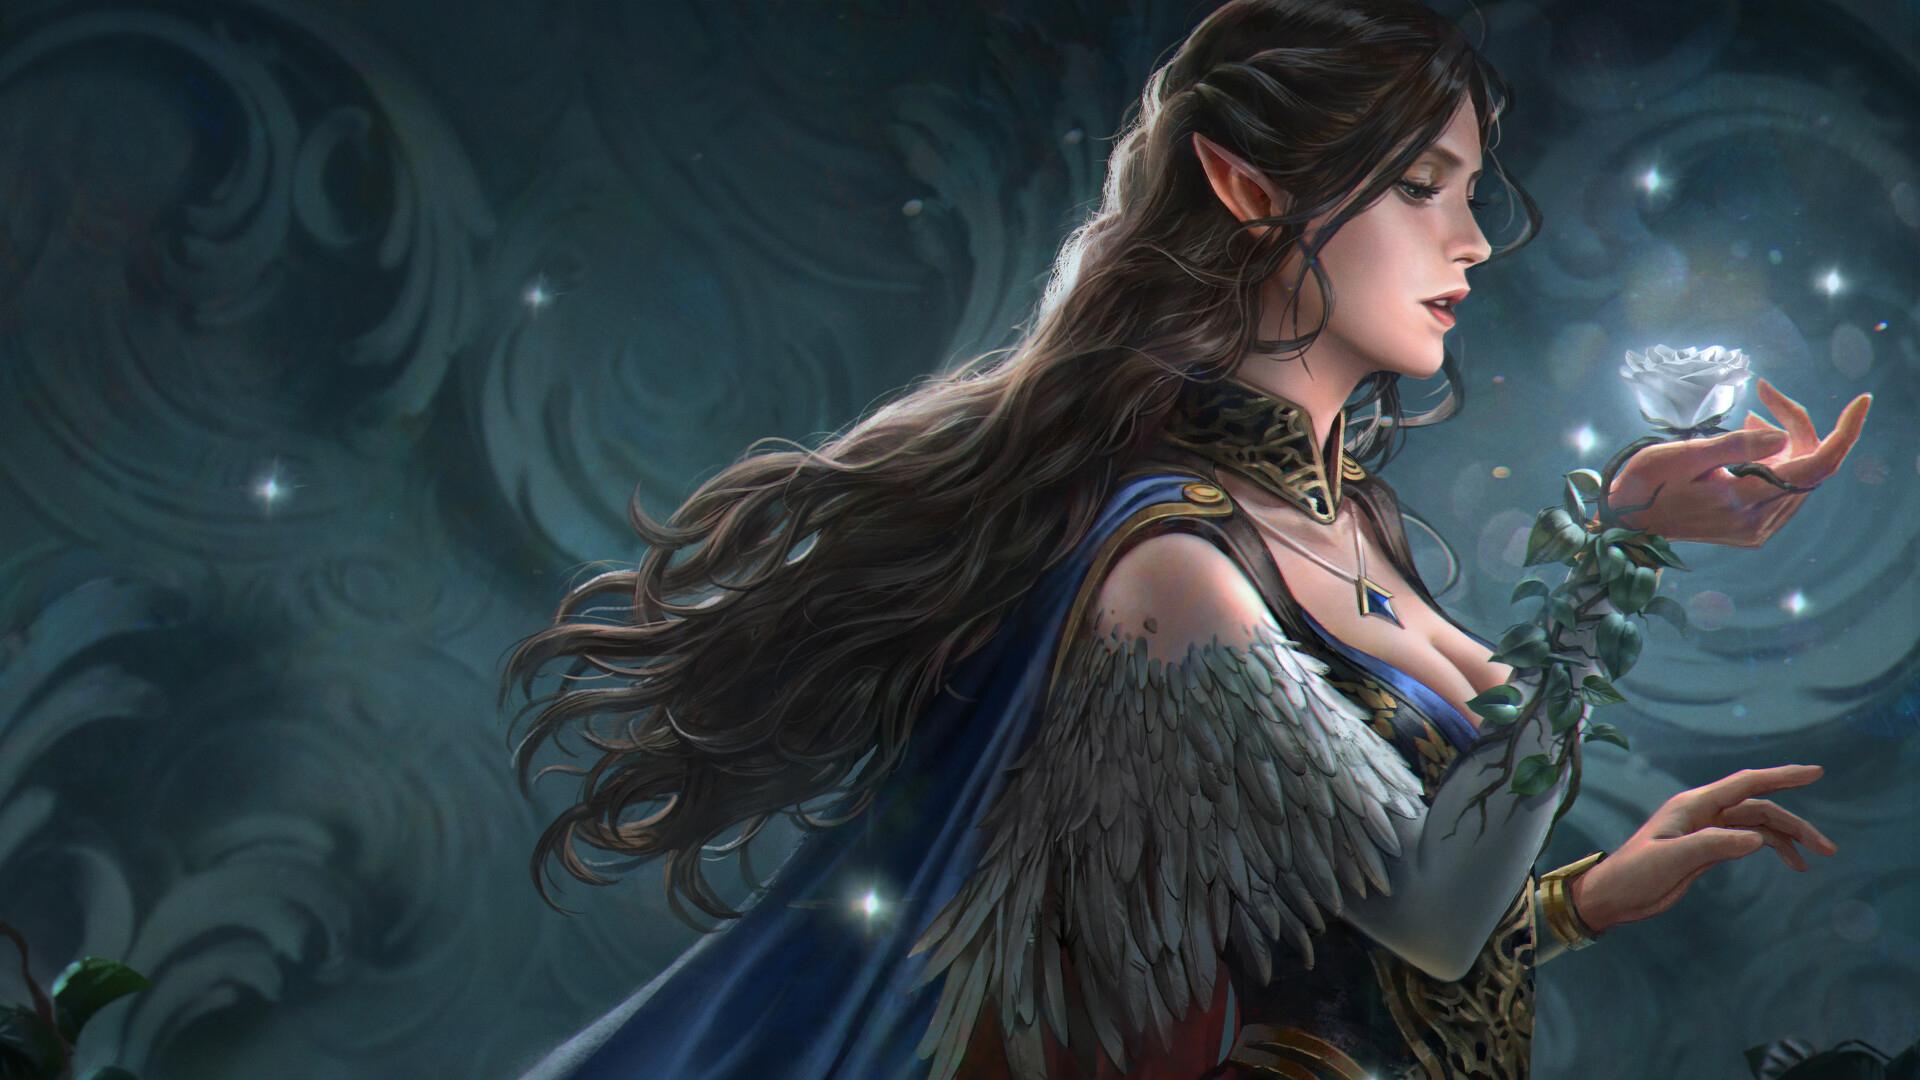 游戏壁纸,主机游戏,精灵,魔法,女神,玫瑰